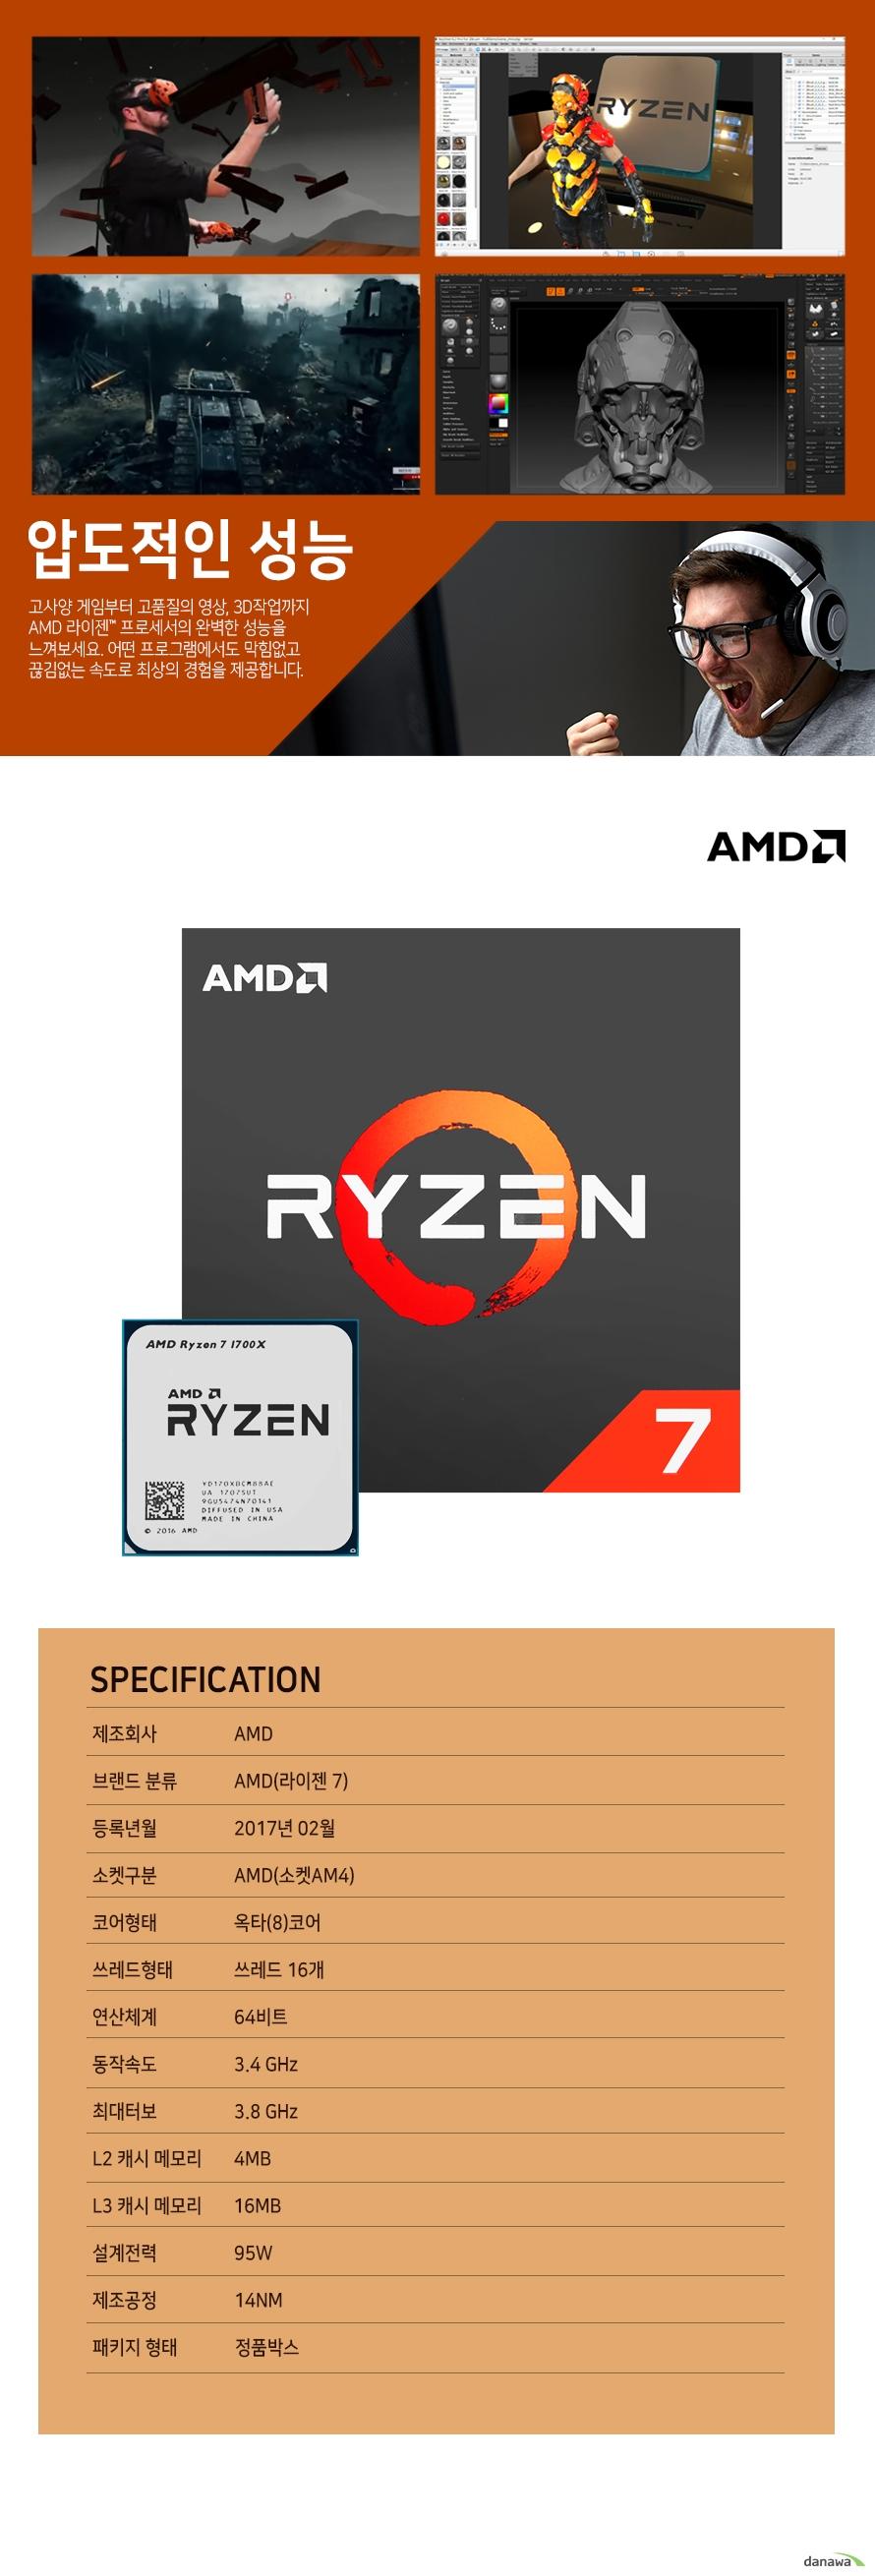 압도적인 성능                    고사양 게임부터 고품질의 영상 , 3D 작업까지 AMD 라이젠 프로세서의          완벽한 성능을 느껴보세요. 어떤 프로그램에서도 막힘없고 끊김없는          속도로 최상의 경험을 제공합니다.                    SPECIFICATION          제조 회사 AMD          브랜드 분류 AMD(라이젠 7)          등록년월 2017년 2월          소켓구분 AMD(소켓 AM4)          코어형태 옥타(8)코어          쓰레드 형태 쓰레드 16개          연산체계 64비트          동작속도 3.4GHZ          최대 터보 3.8GHZ          L2 캐시 메모리 4MB          L3 캐시 메모리 16MB          설계전력 95W          제조공정 14NM          패키지 형태 정품박스